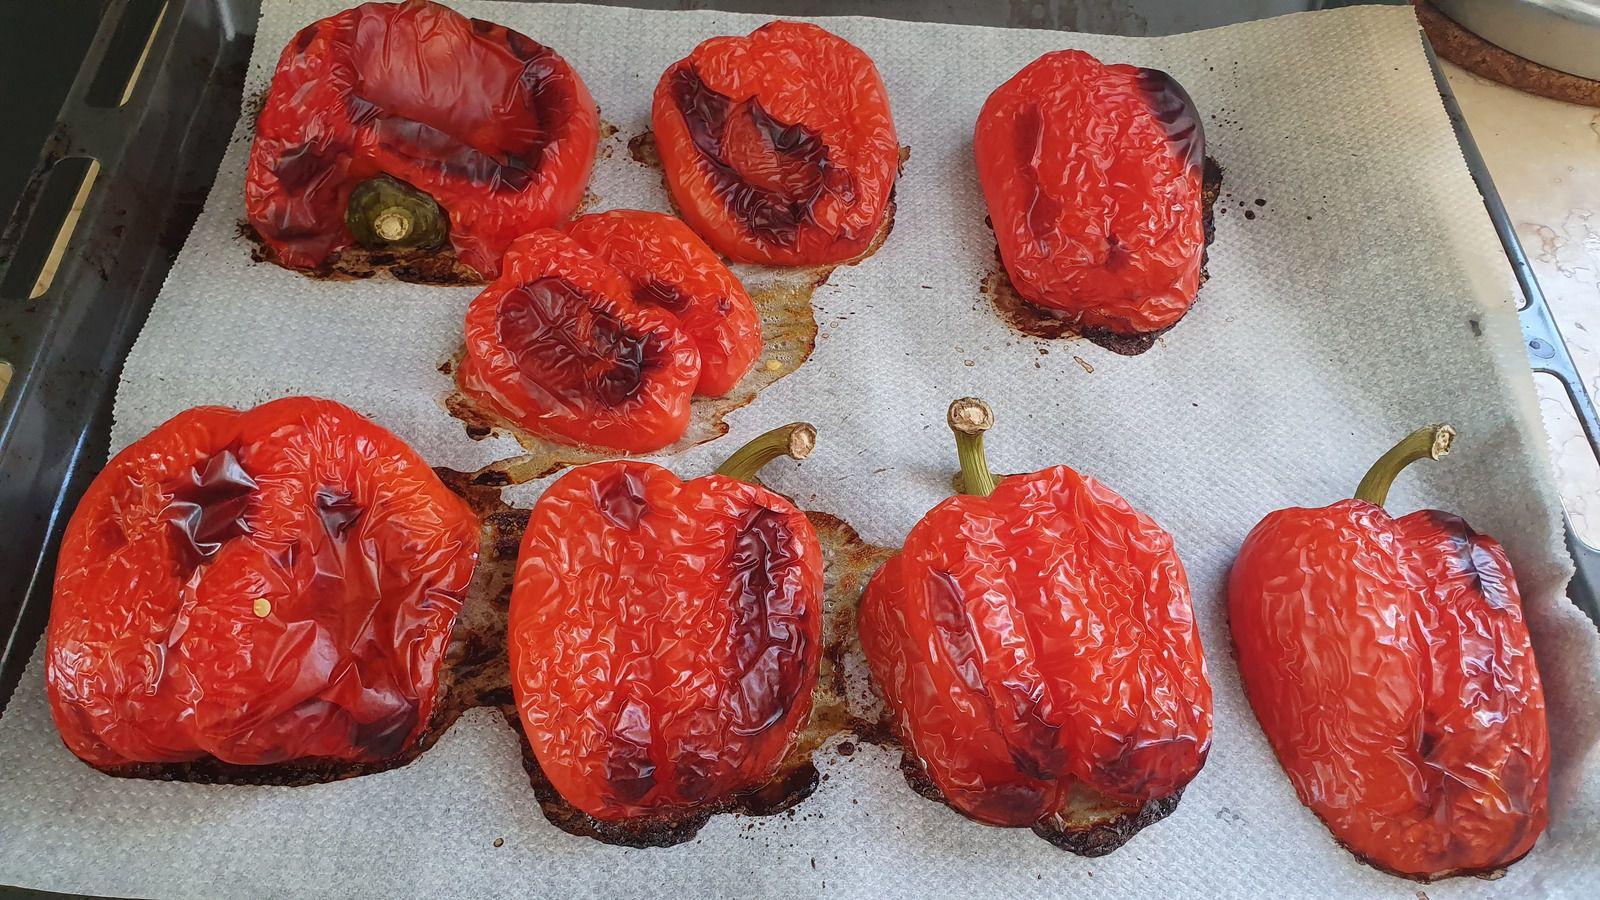 Purée de poivrons aux noix